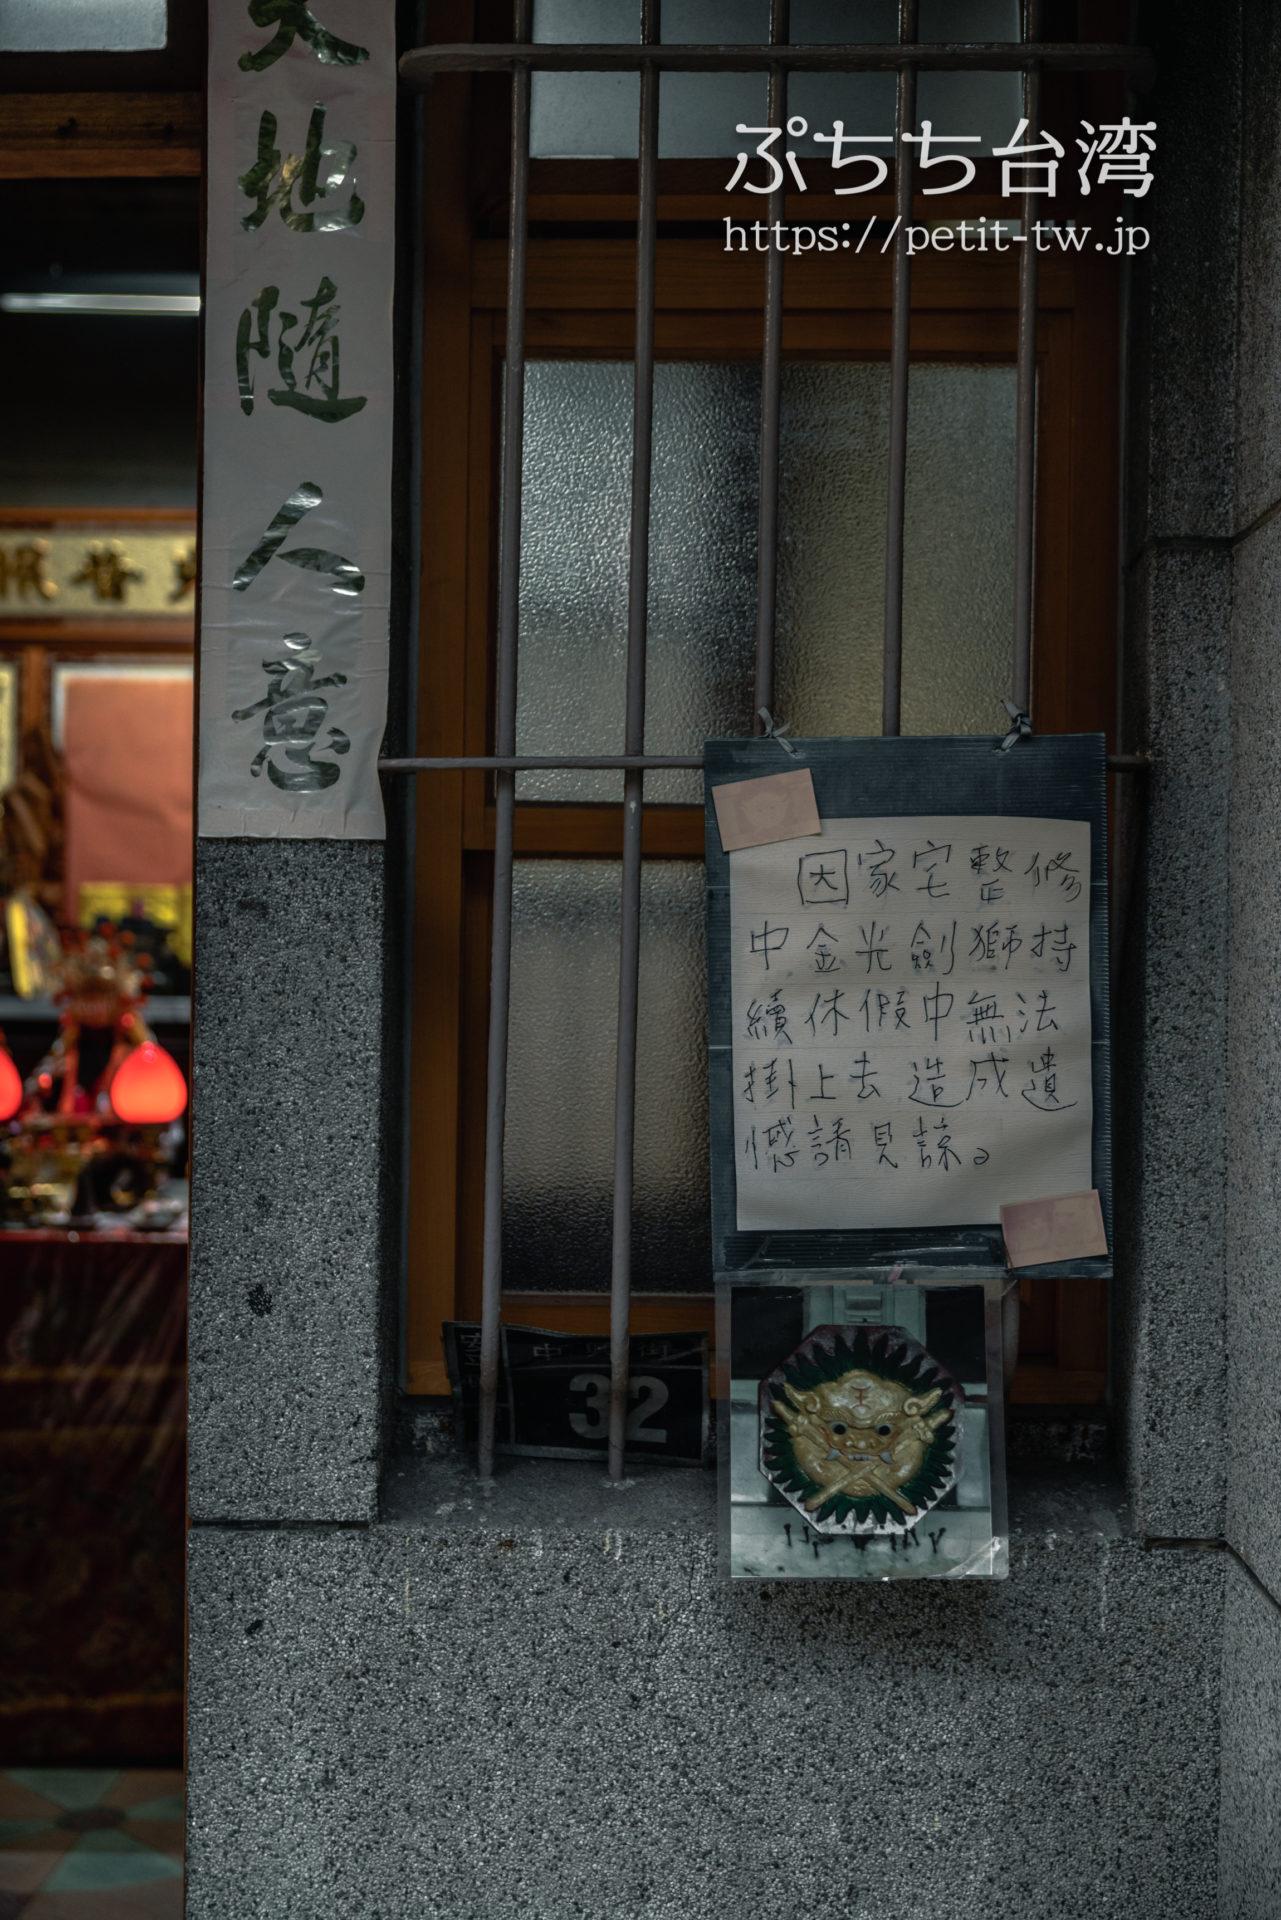 安平劍獅 No.17 金光劍獅 中興街32號